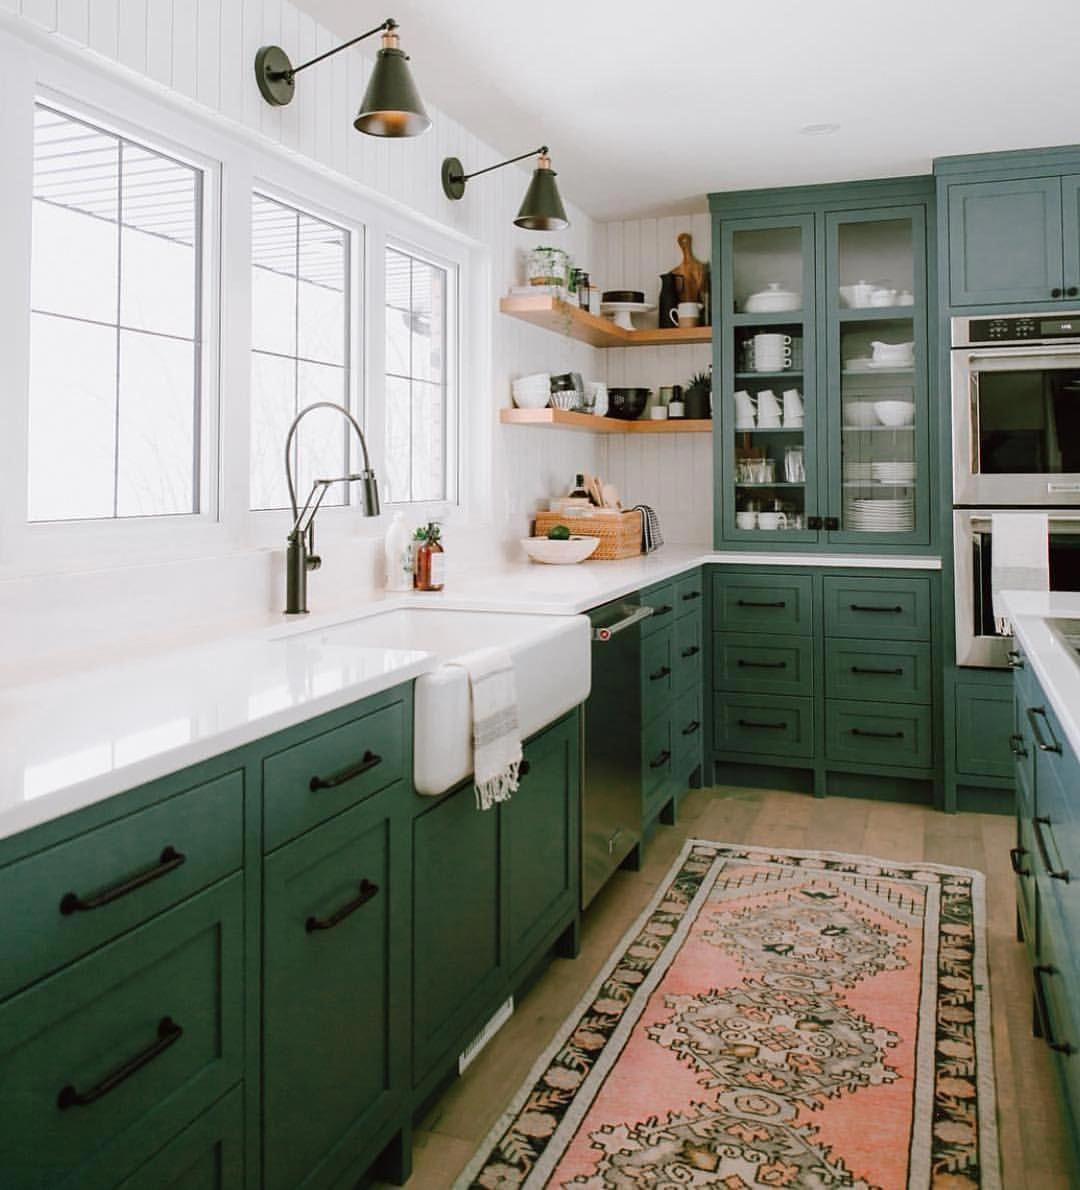 find other ideas green kitchen walls ideas green kitchen